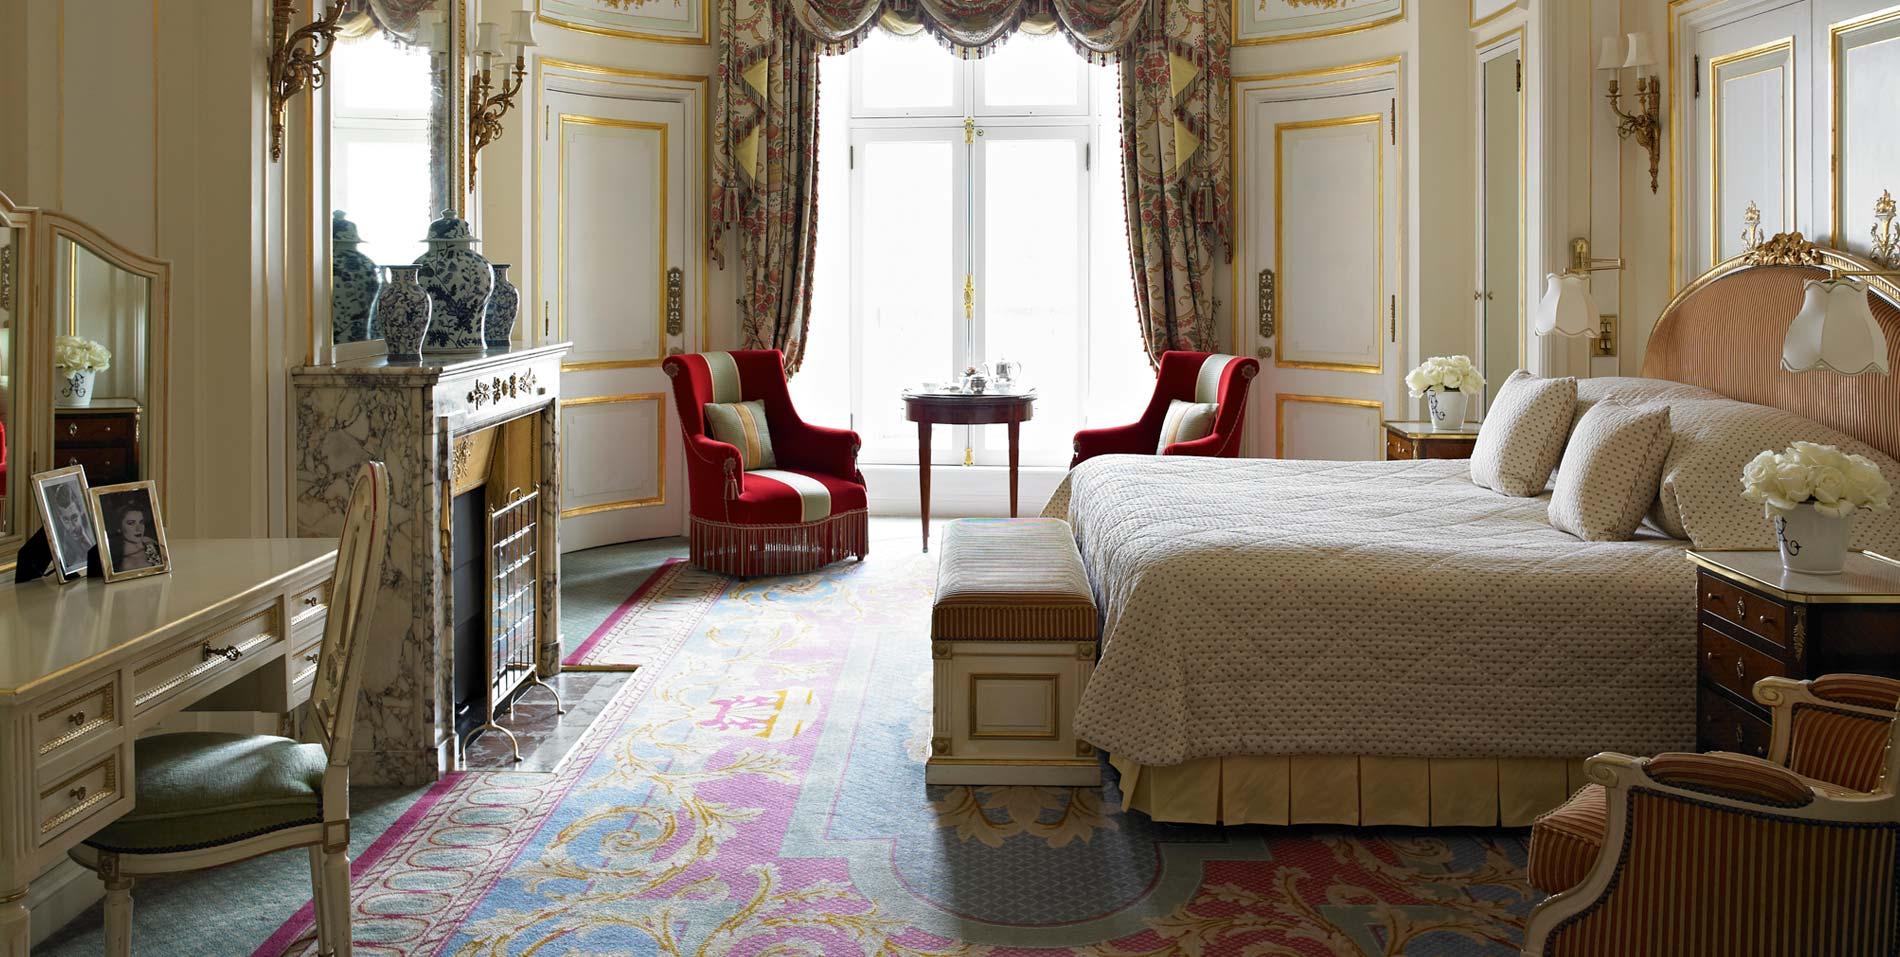 The Trafalgar Suite